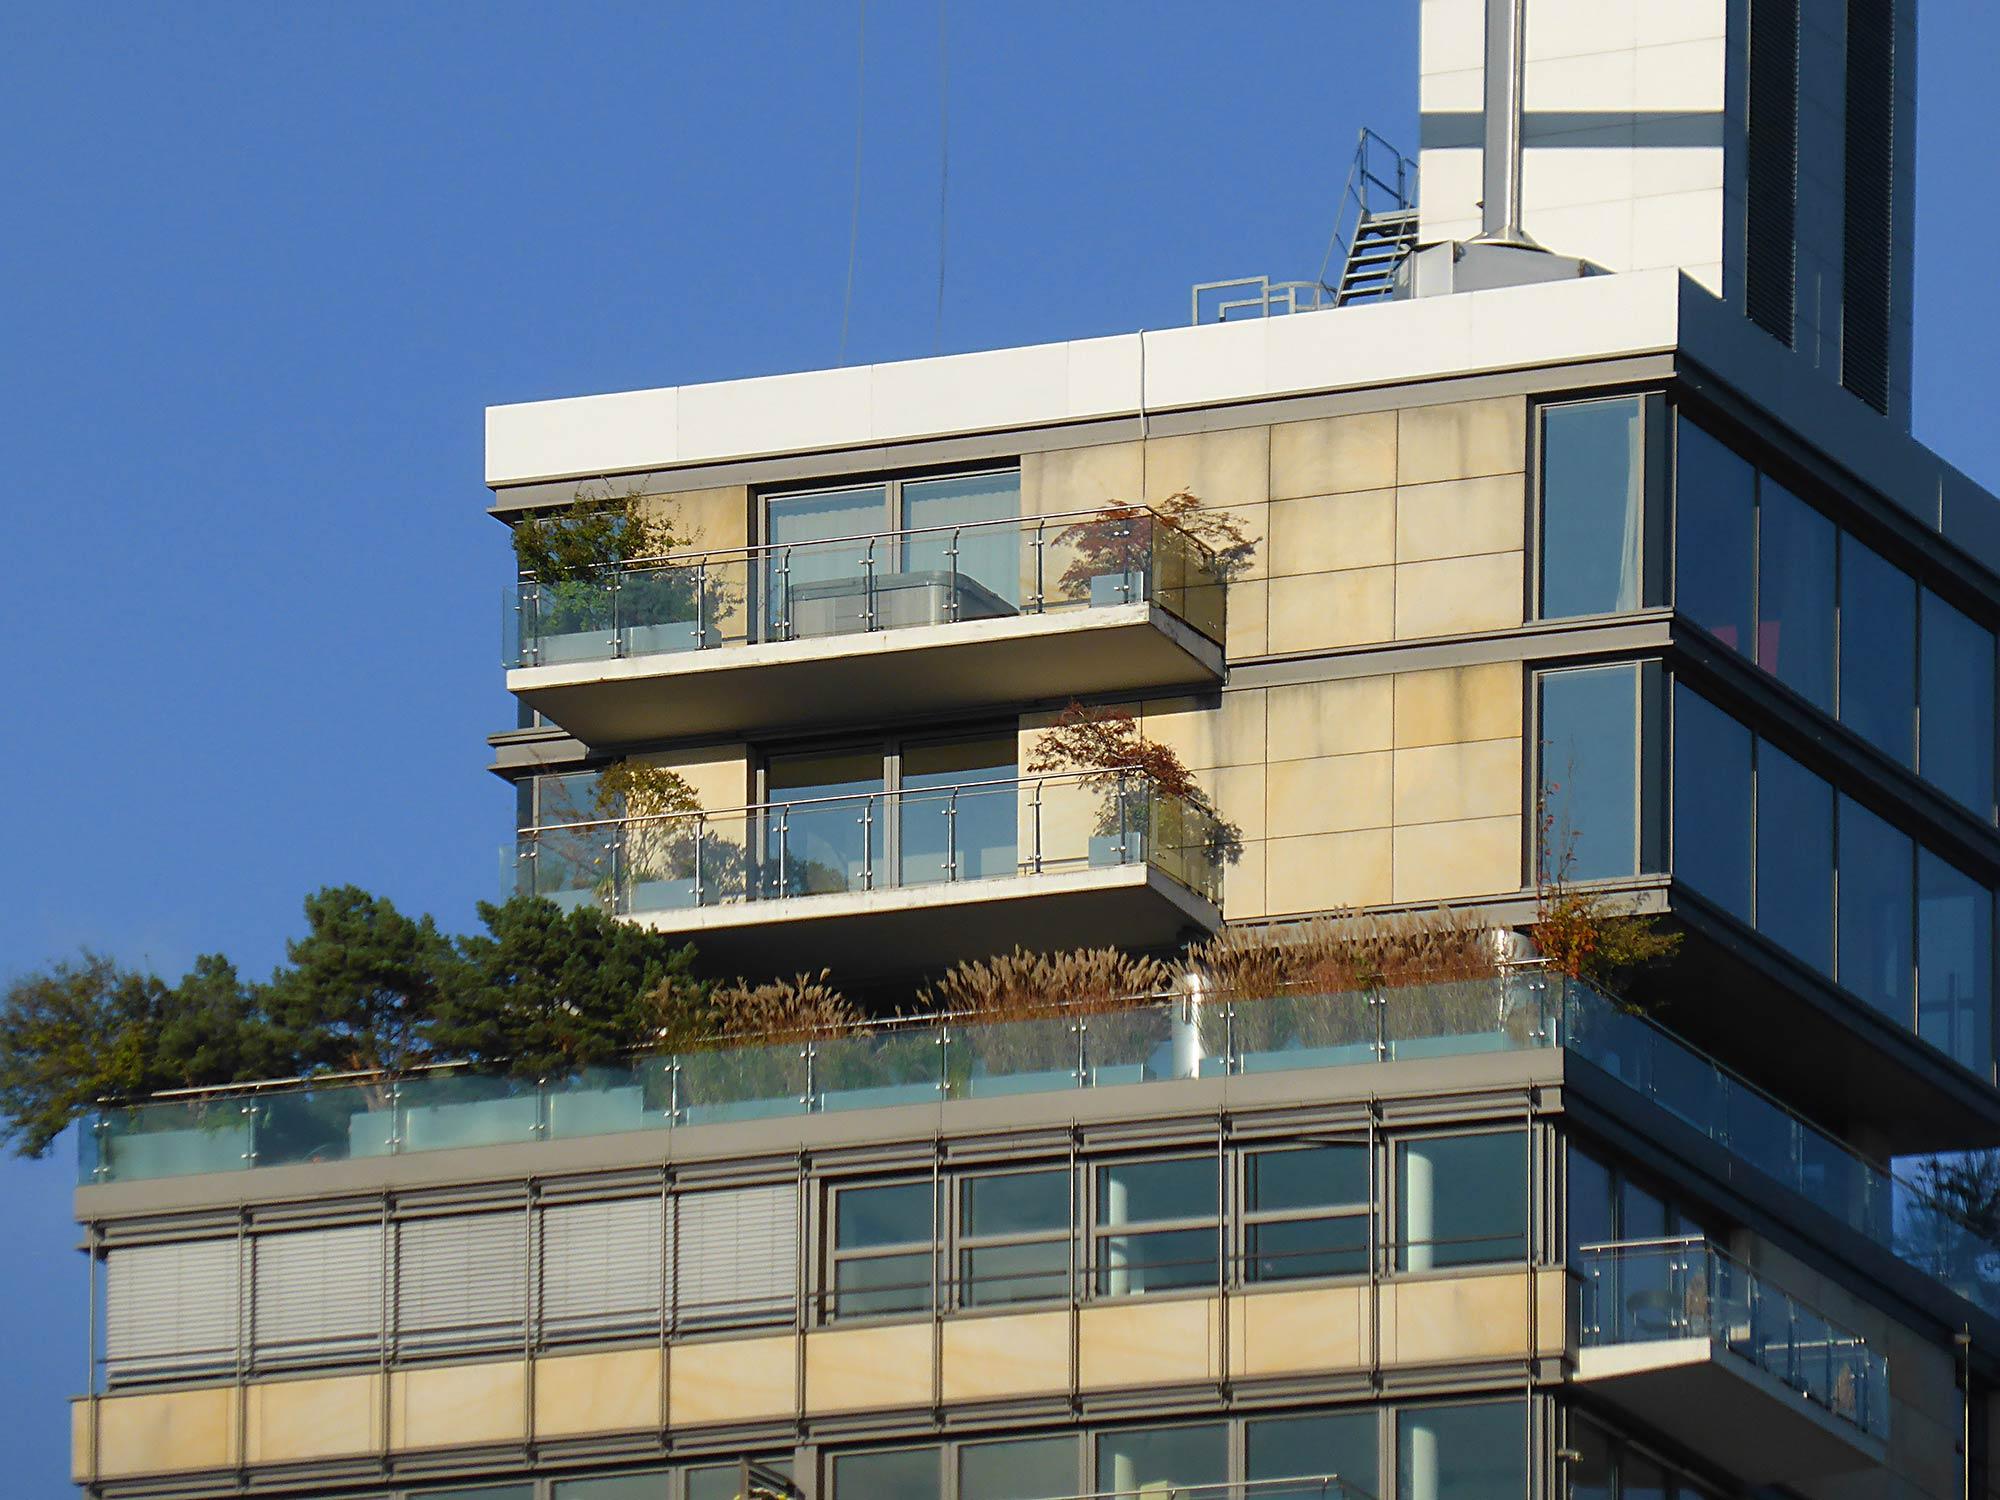 Skylight Wohnung zur Miete - Fassade mit Balkon